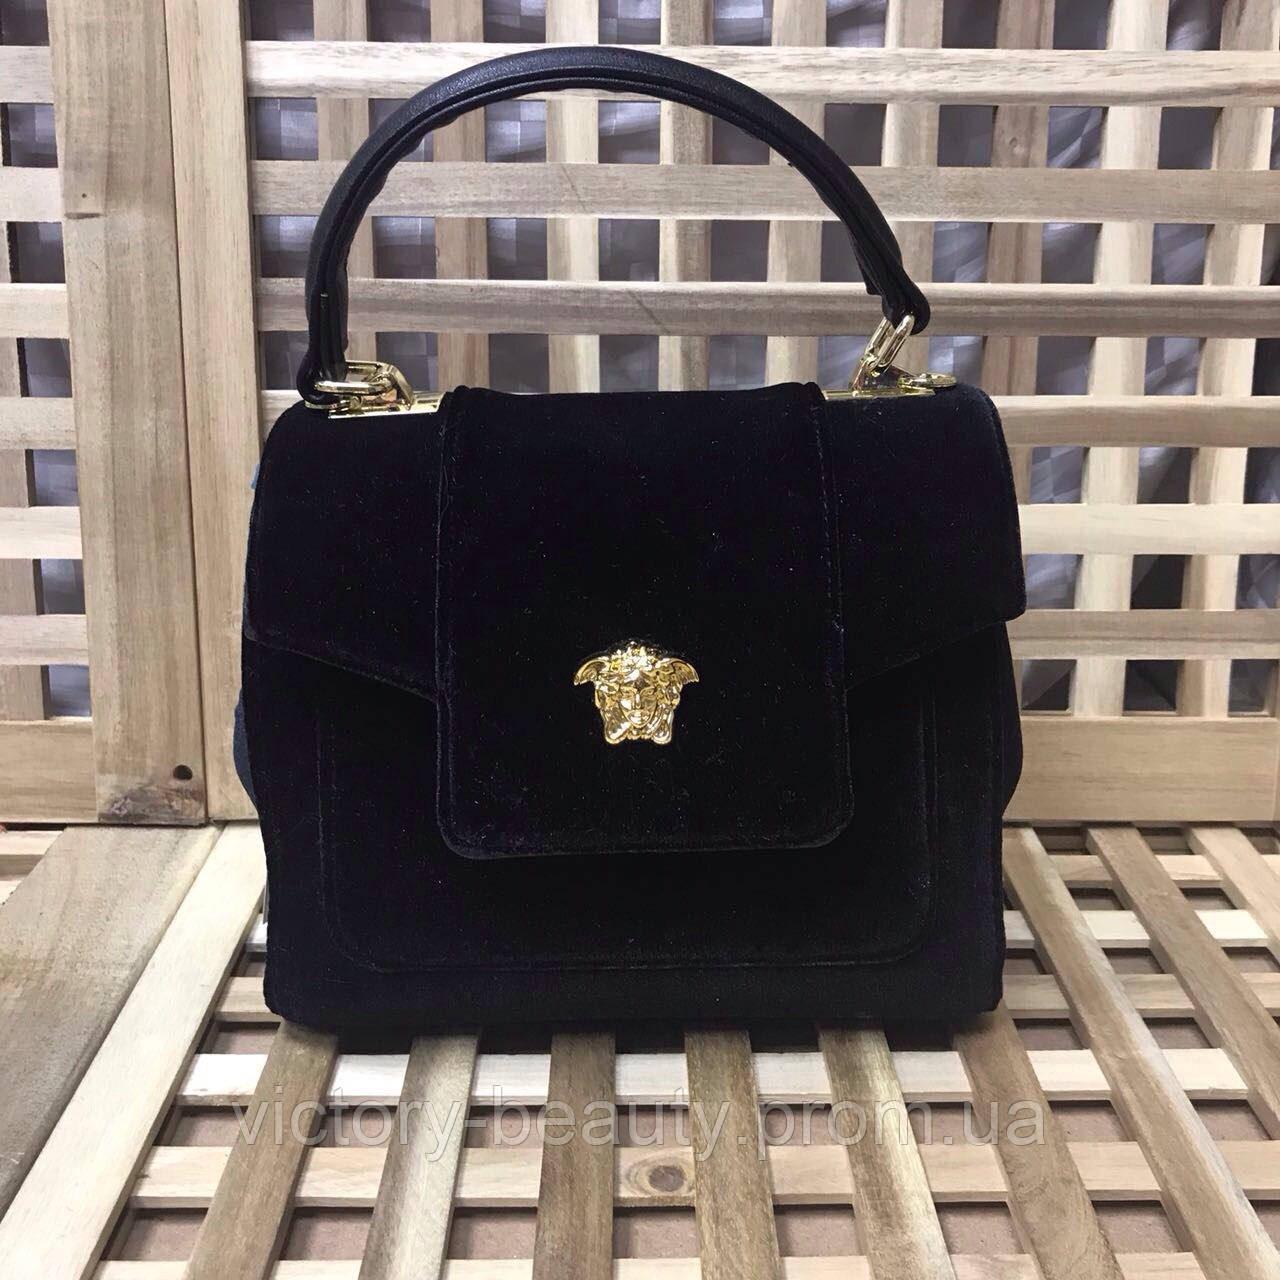 a517dd856d39 Сумка копия люкс Versace   продажа, цена в Харькове. женские сумочки ...